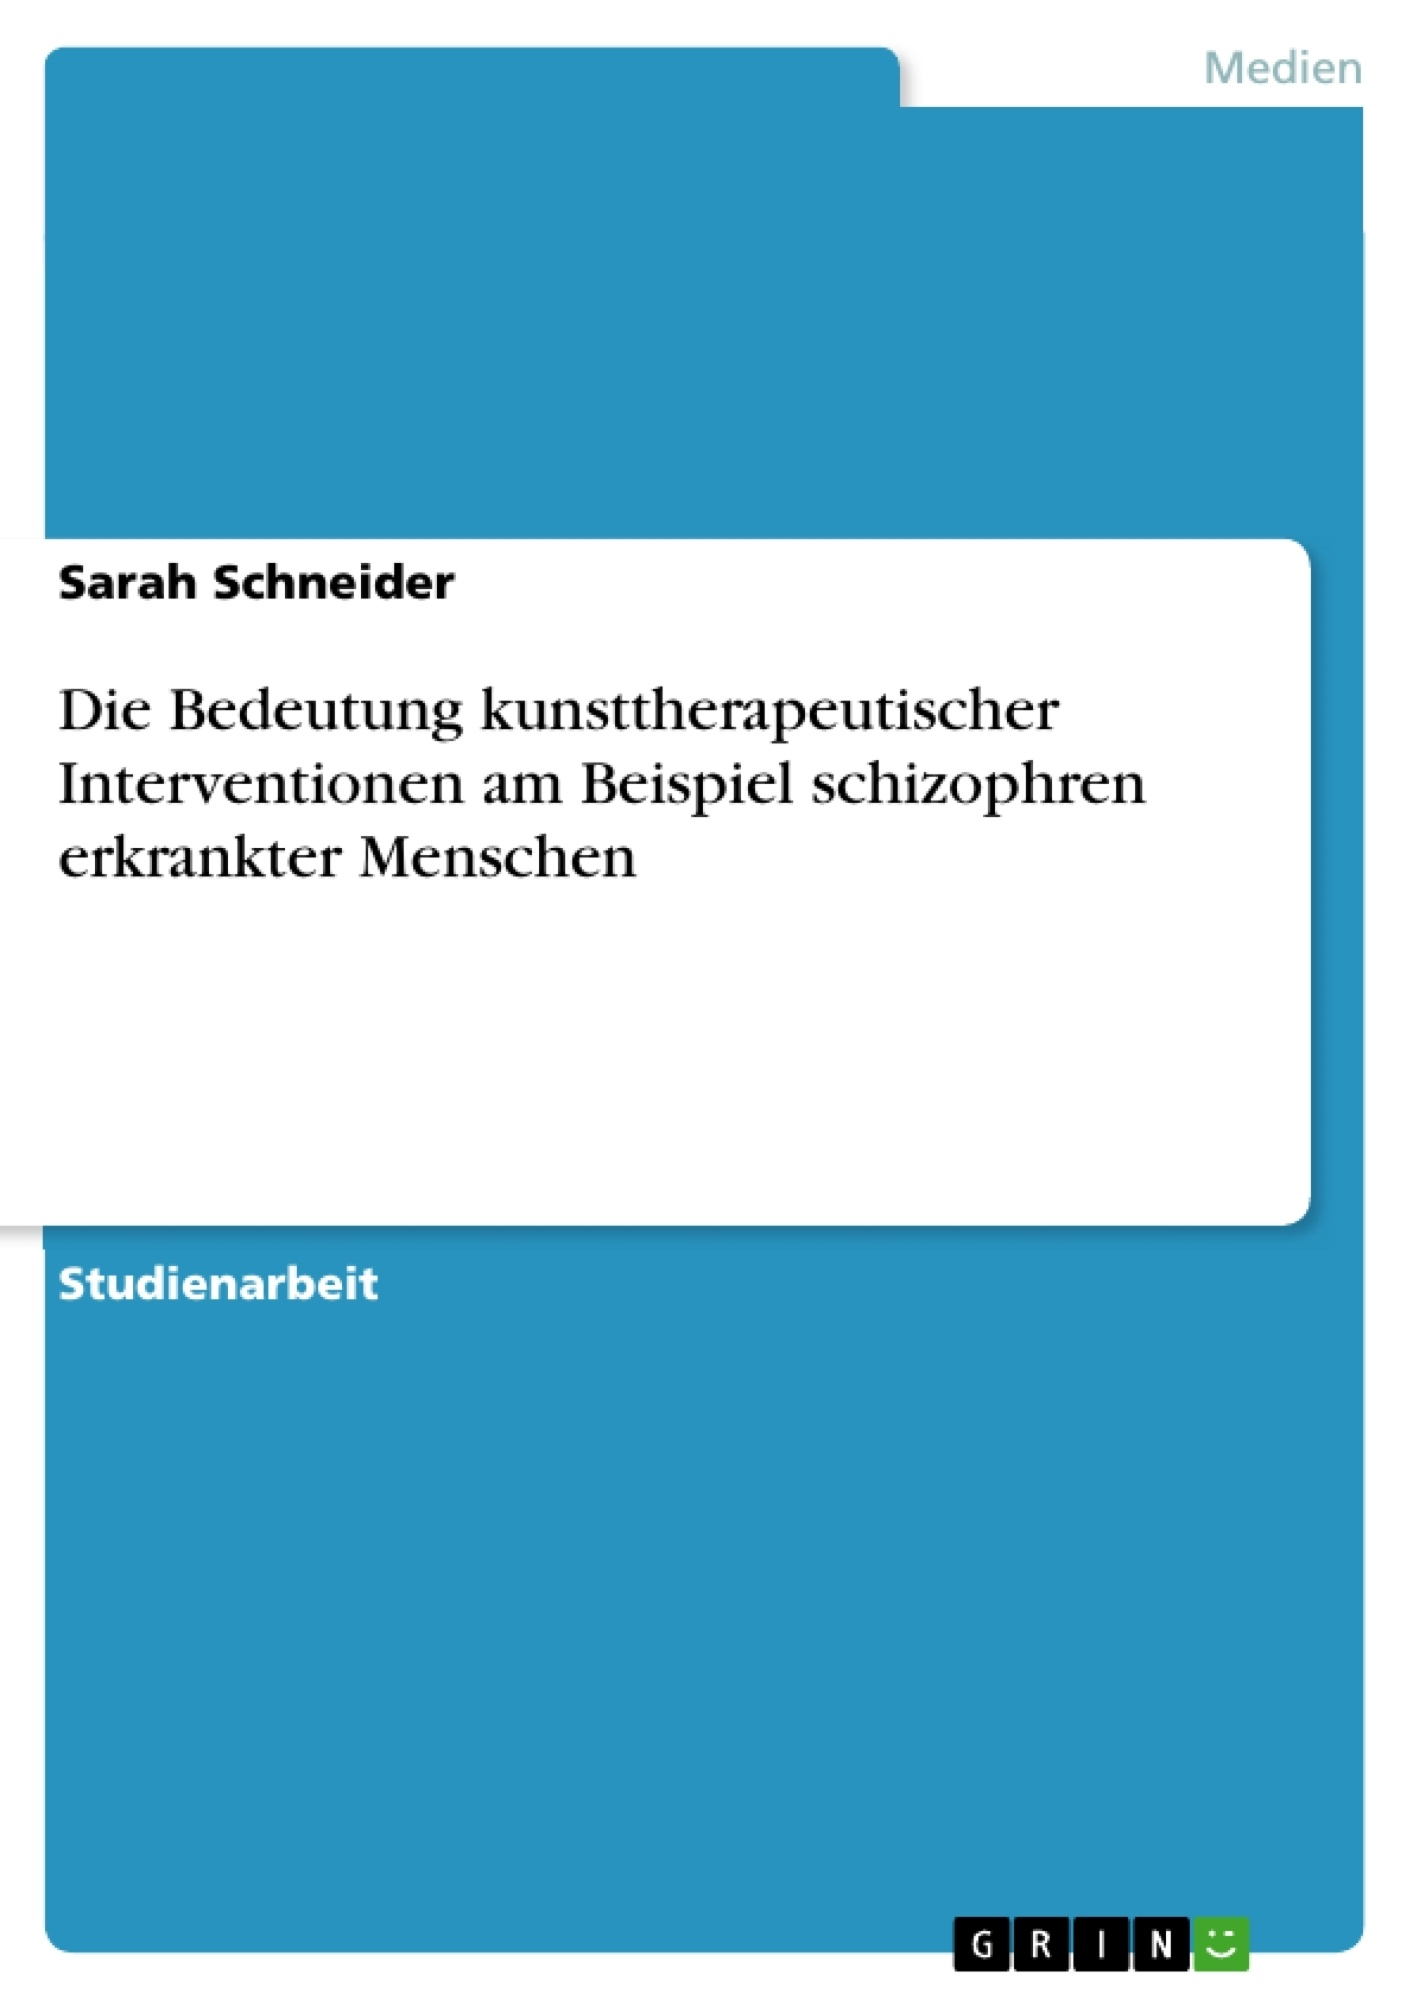 Titel: Die Bedeutung kunsttherapeutischer Interventionen am Beispiel schizophren erkrankter Menschen